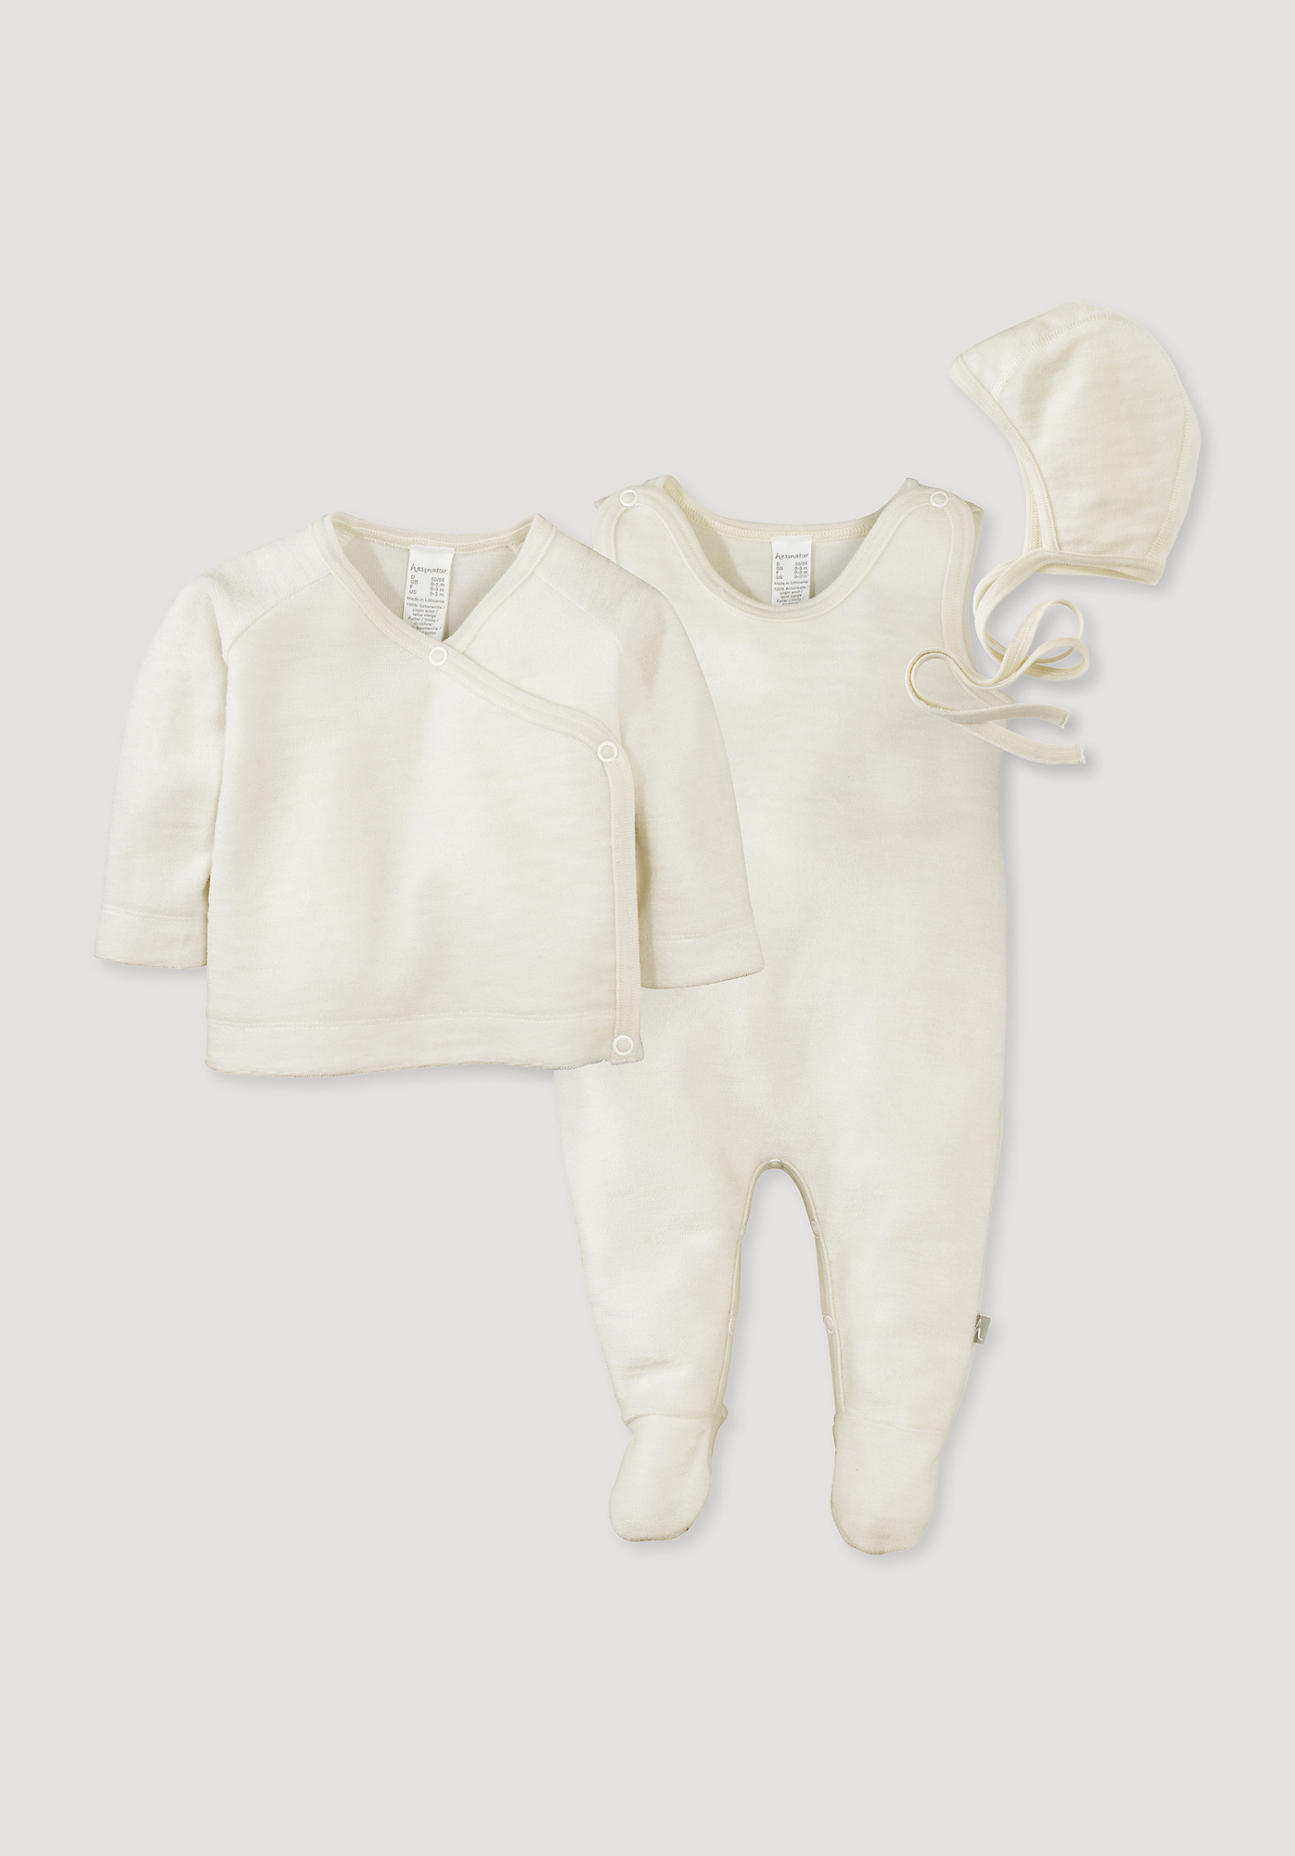 Image of hessnatur Baby Erstlingspaket Wollfrottee aus Schurwolle – naturfarben – Größe 50/56